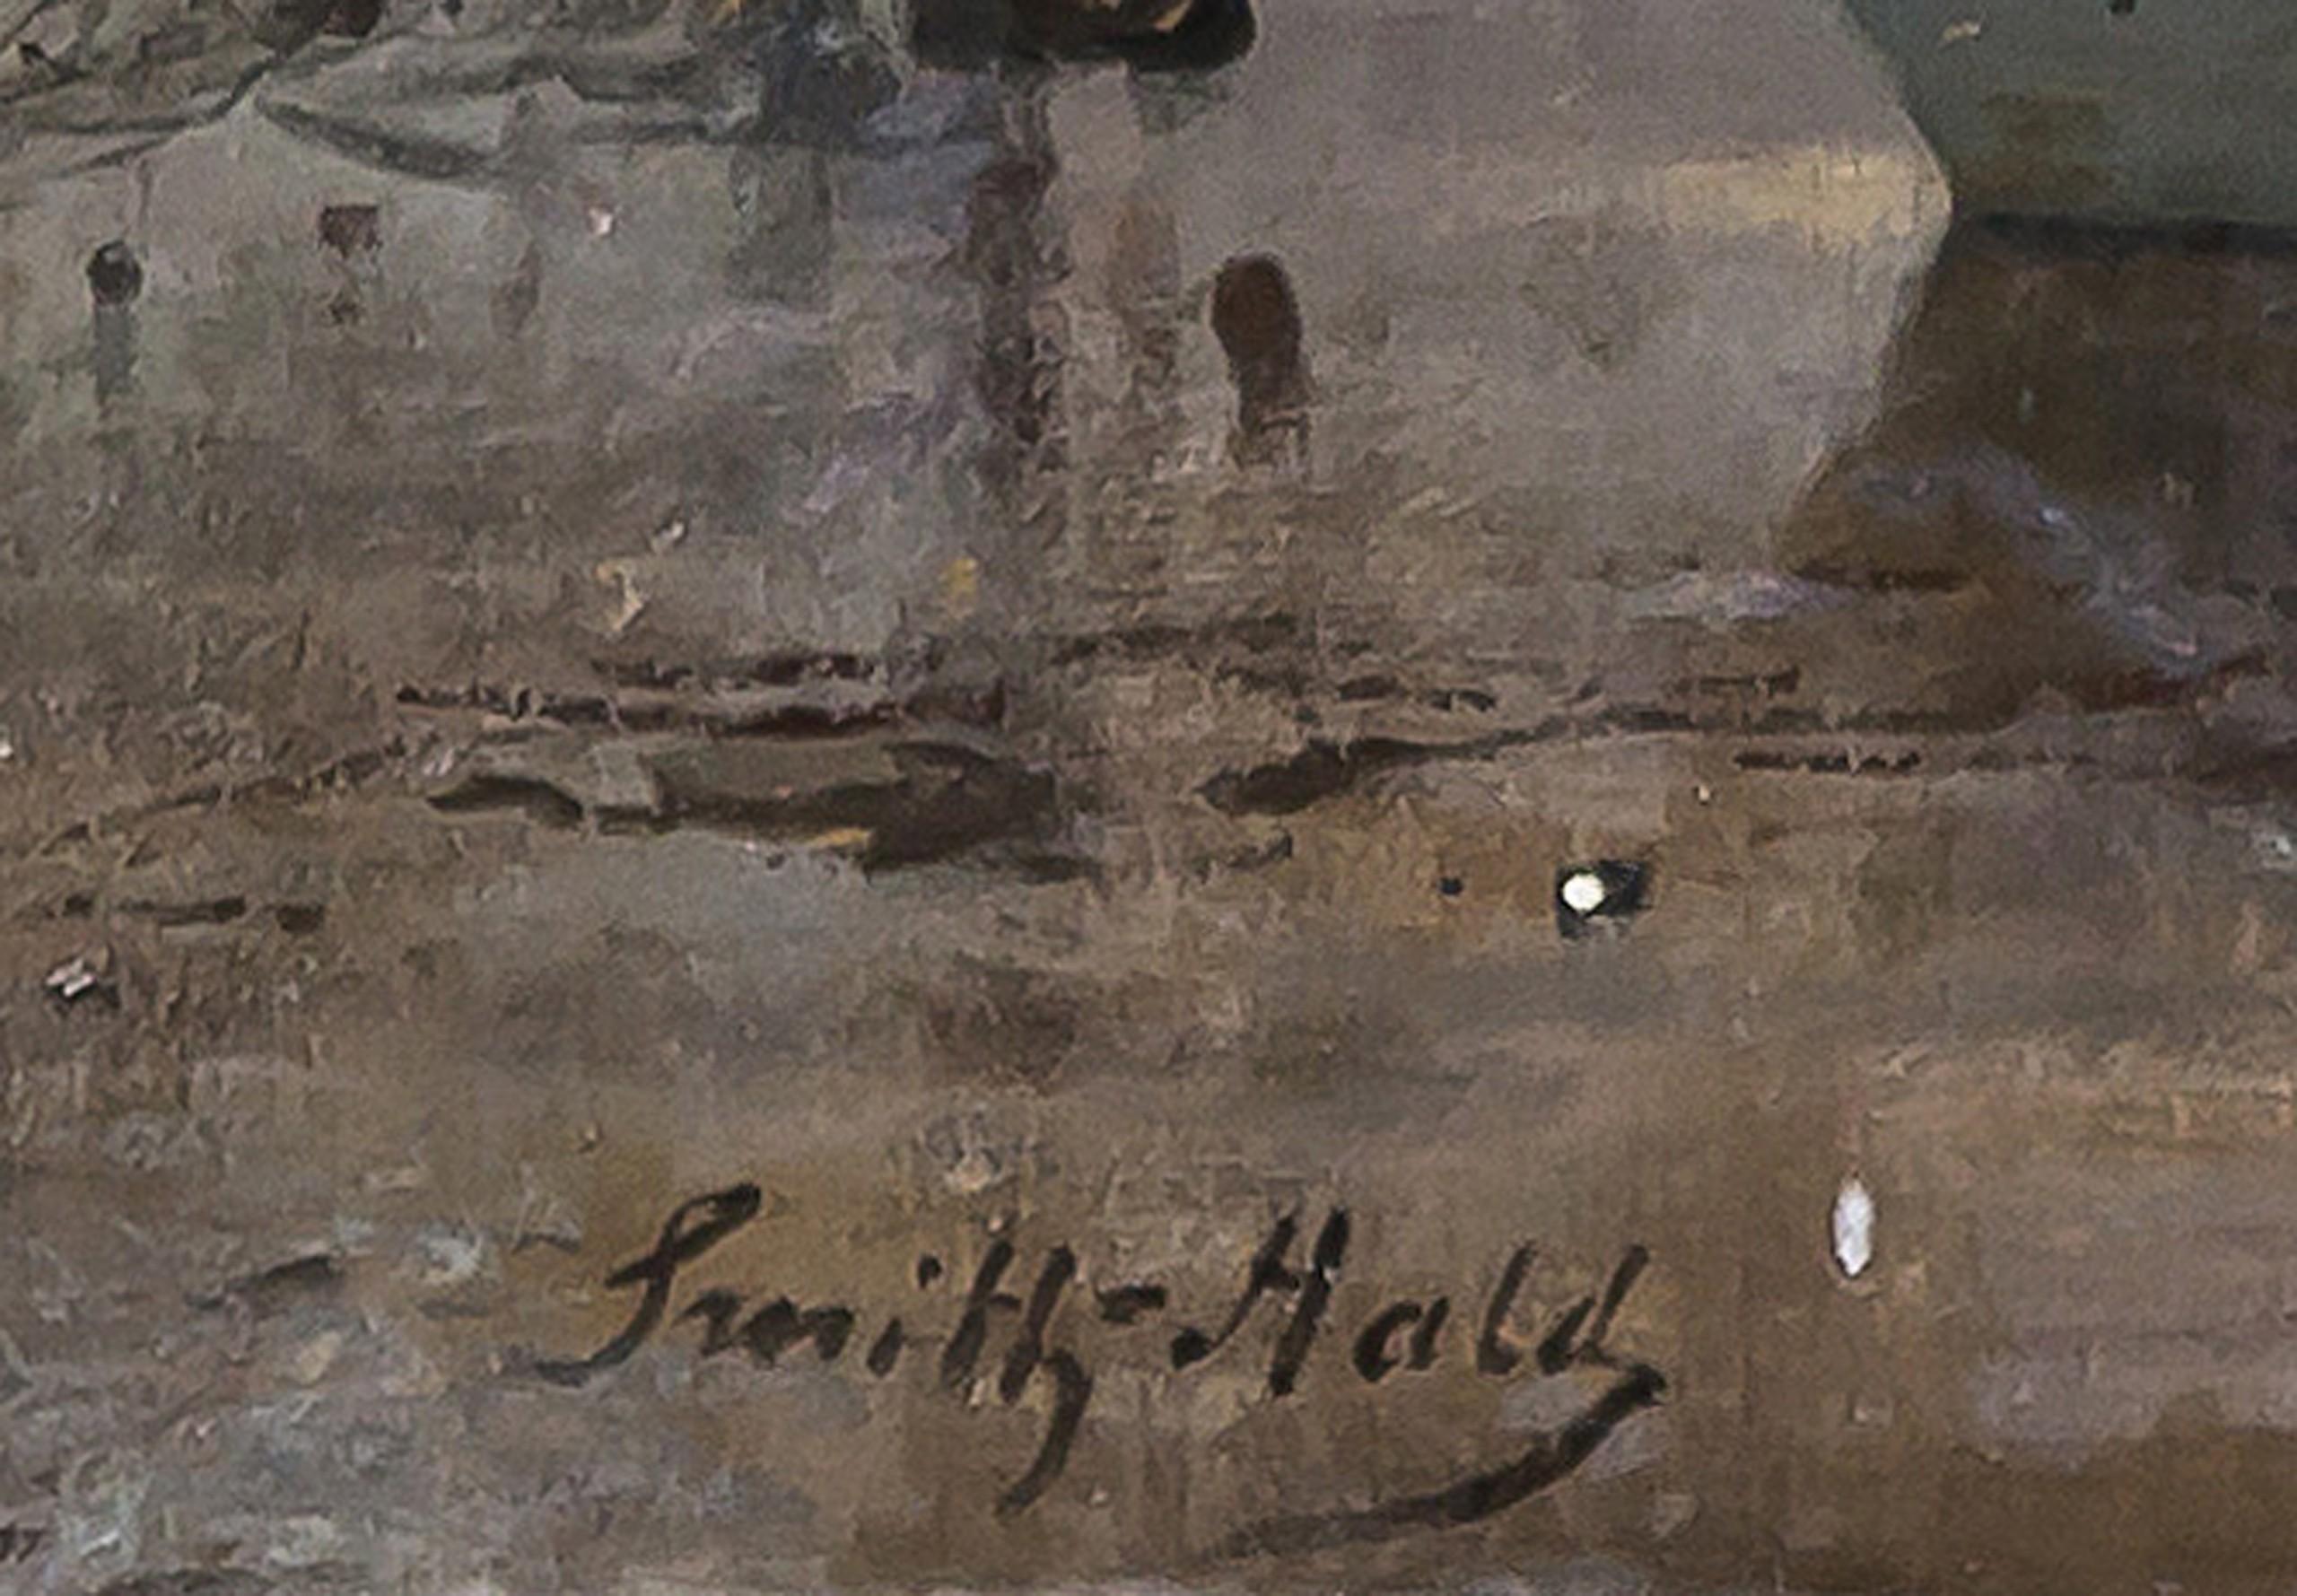 The Gundersen Collection er en imponerende samling av kunst og norske bondeantikviteter. Store deler av samlingen er stilt ut på hotellet Vestlia Resort i fjellbygda Geilo, Norge. The Gundersen Collection har også Norges viktigste private samling med grafikk av Edvard Munch. Ikke minst flere håndkolorerte grafiske verk. Smith-Hald skildret ofte strand- og sjøbilder med staffasje av fiskere og sjøfolk som ble svært populære. I de tidlige 1880-årene representerte Smith-Hald norsk landskapskunst nesten alene på Paris-salongen, der han årlig deltok.